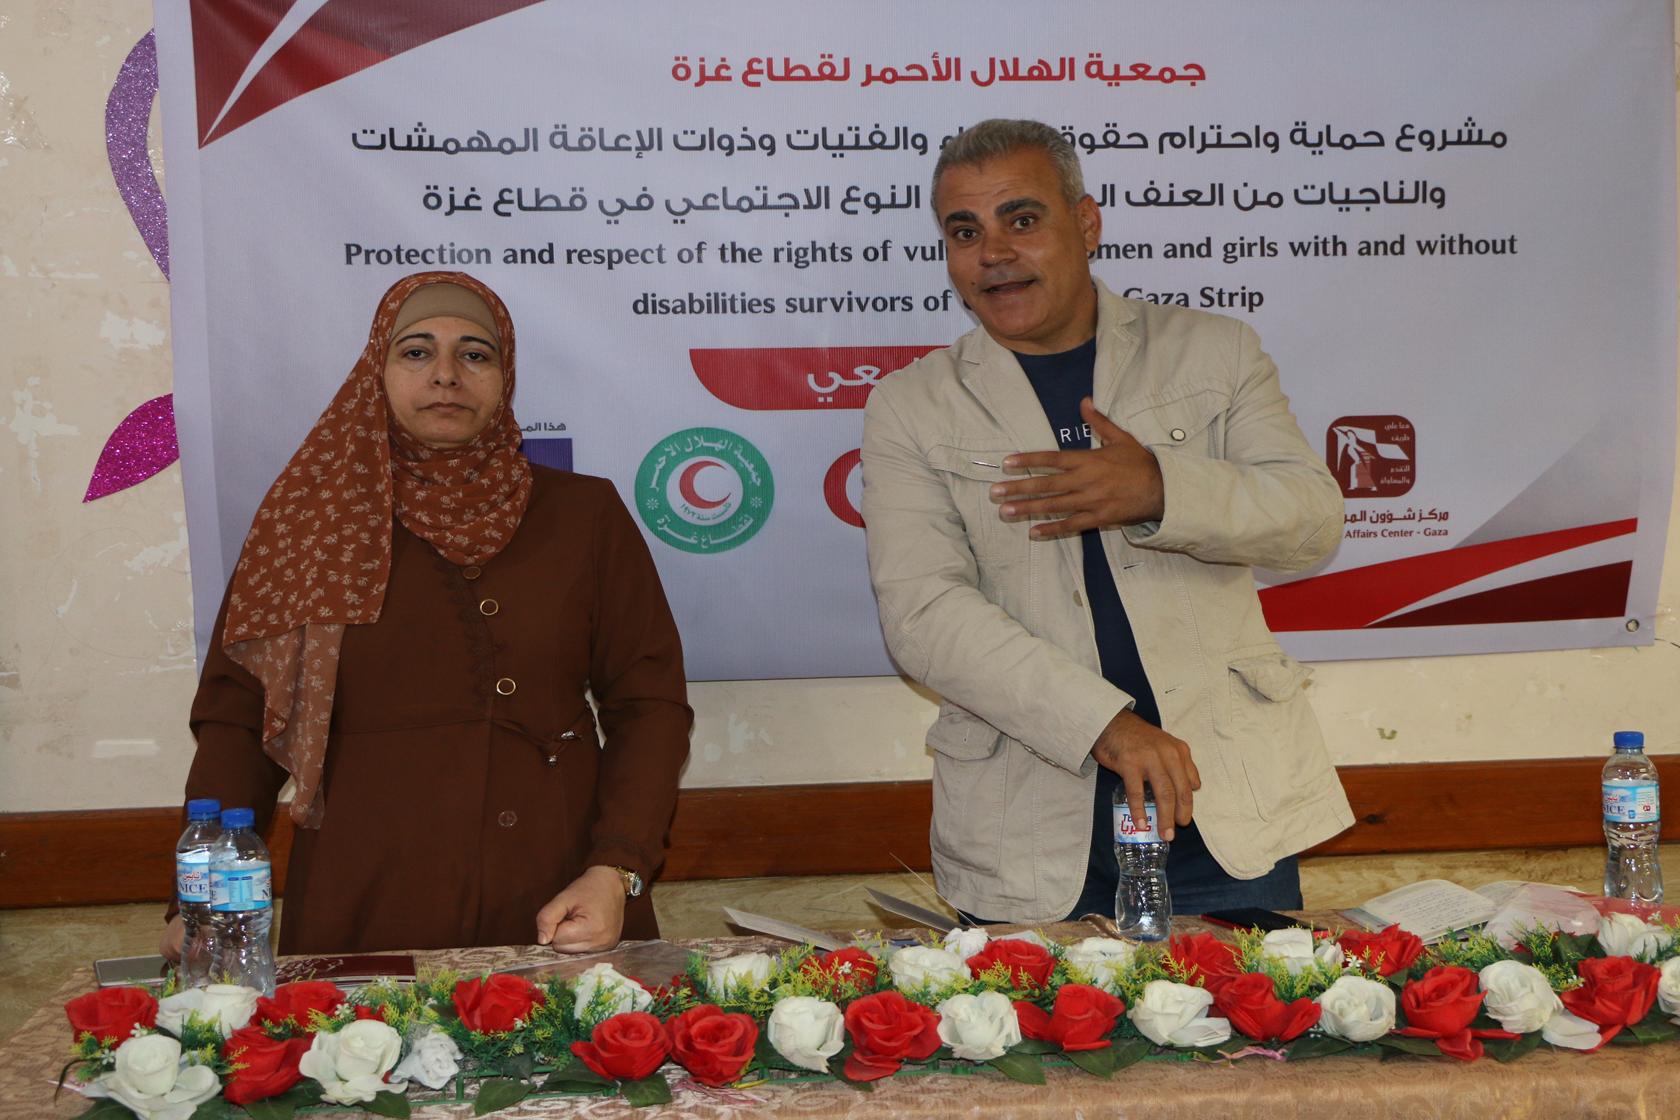 نفذت جمعية الهلال الأحمر لقطاع غزة لقاءً مجتمعيًا.